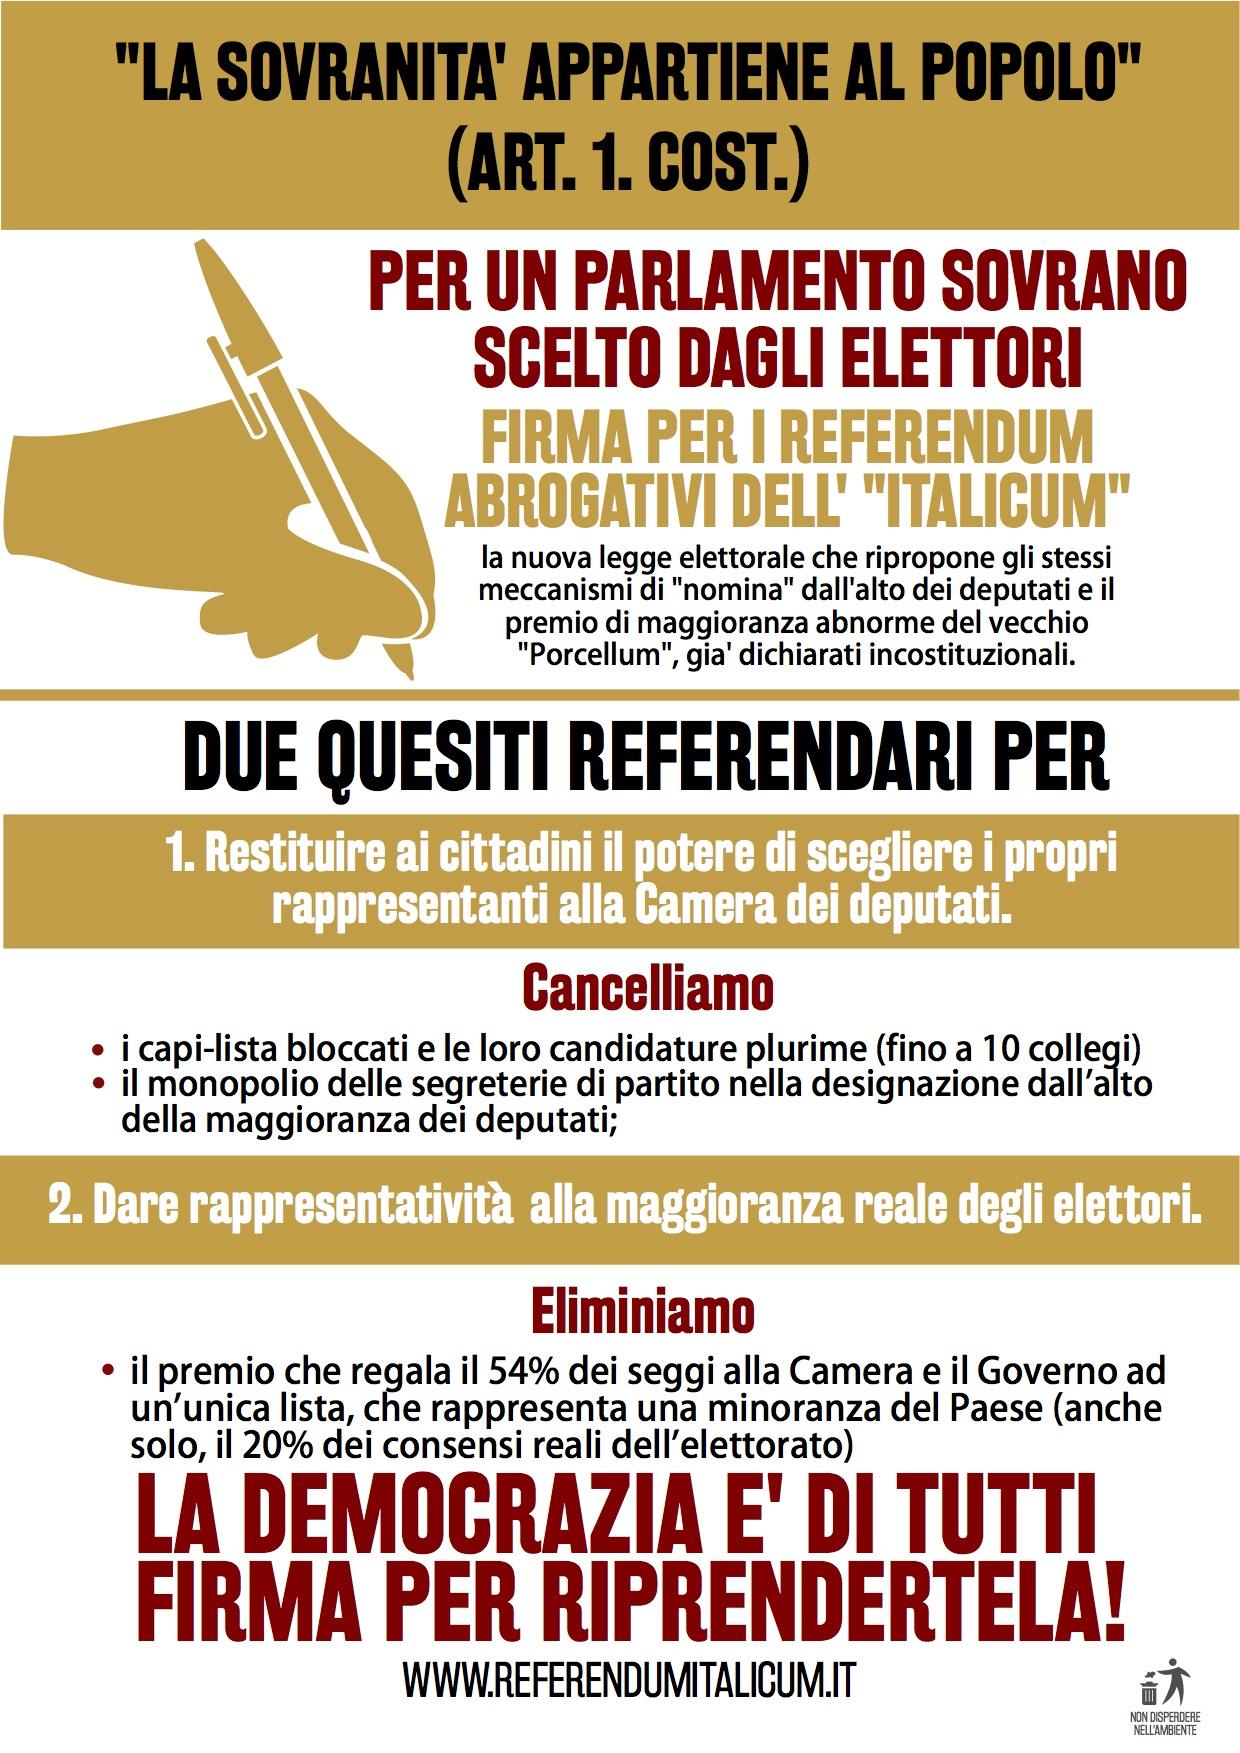 VOLANTINO FRONTE ITALICUM CON SIMBOLO